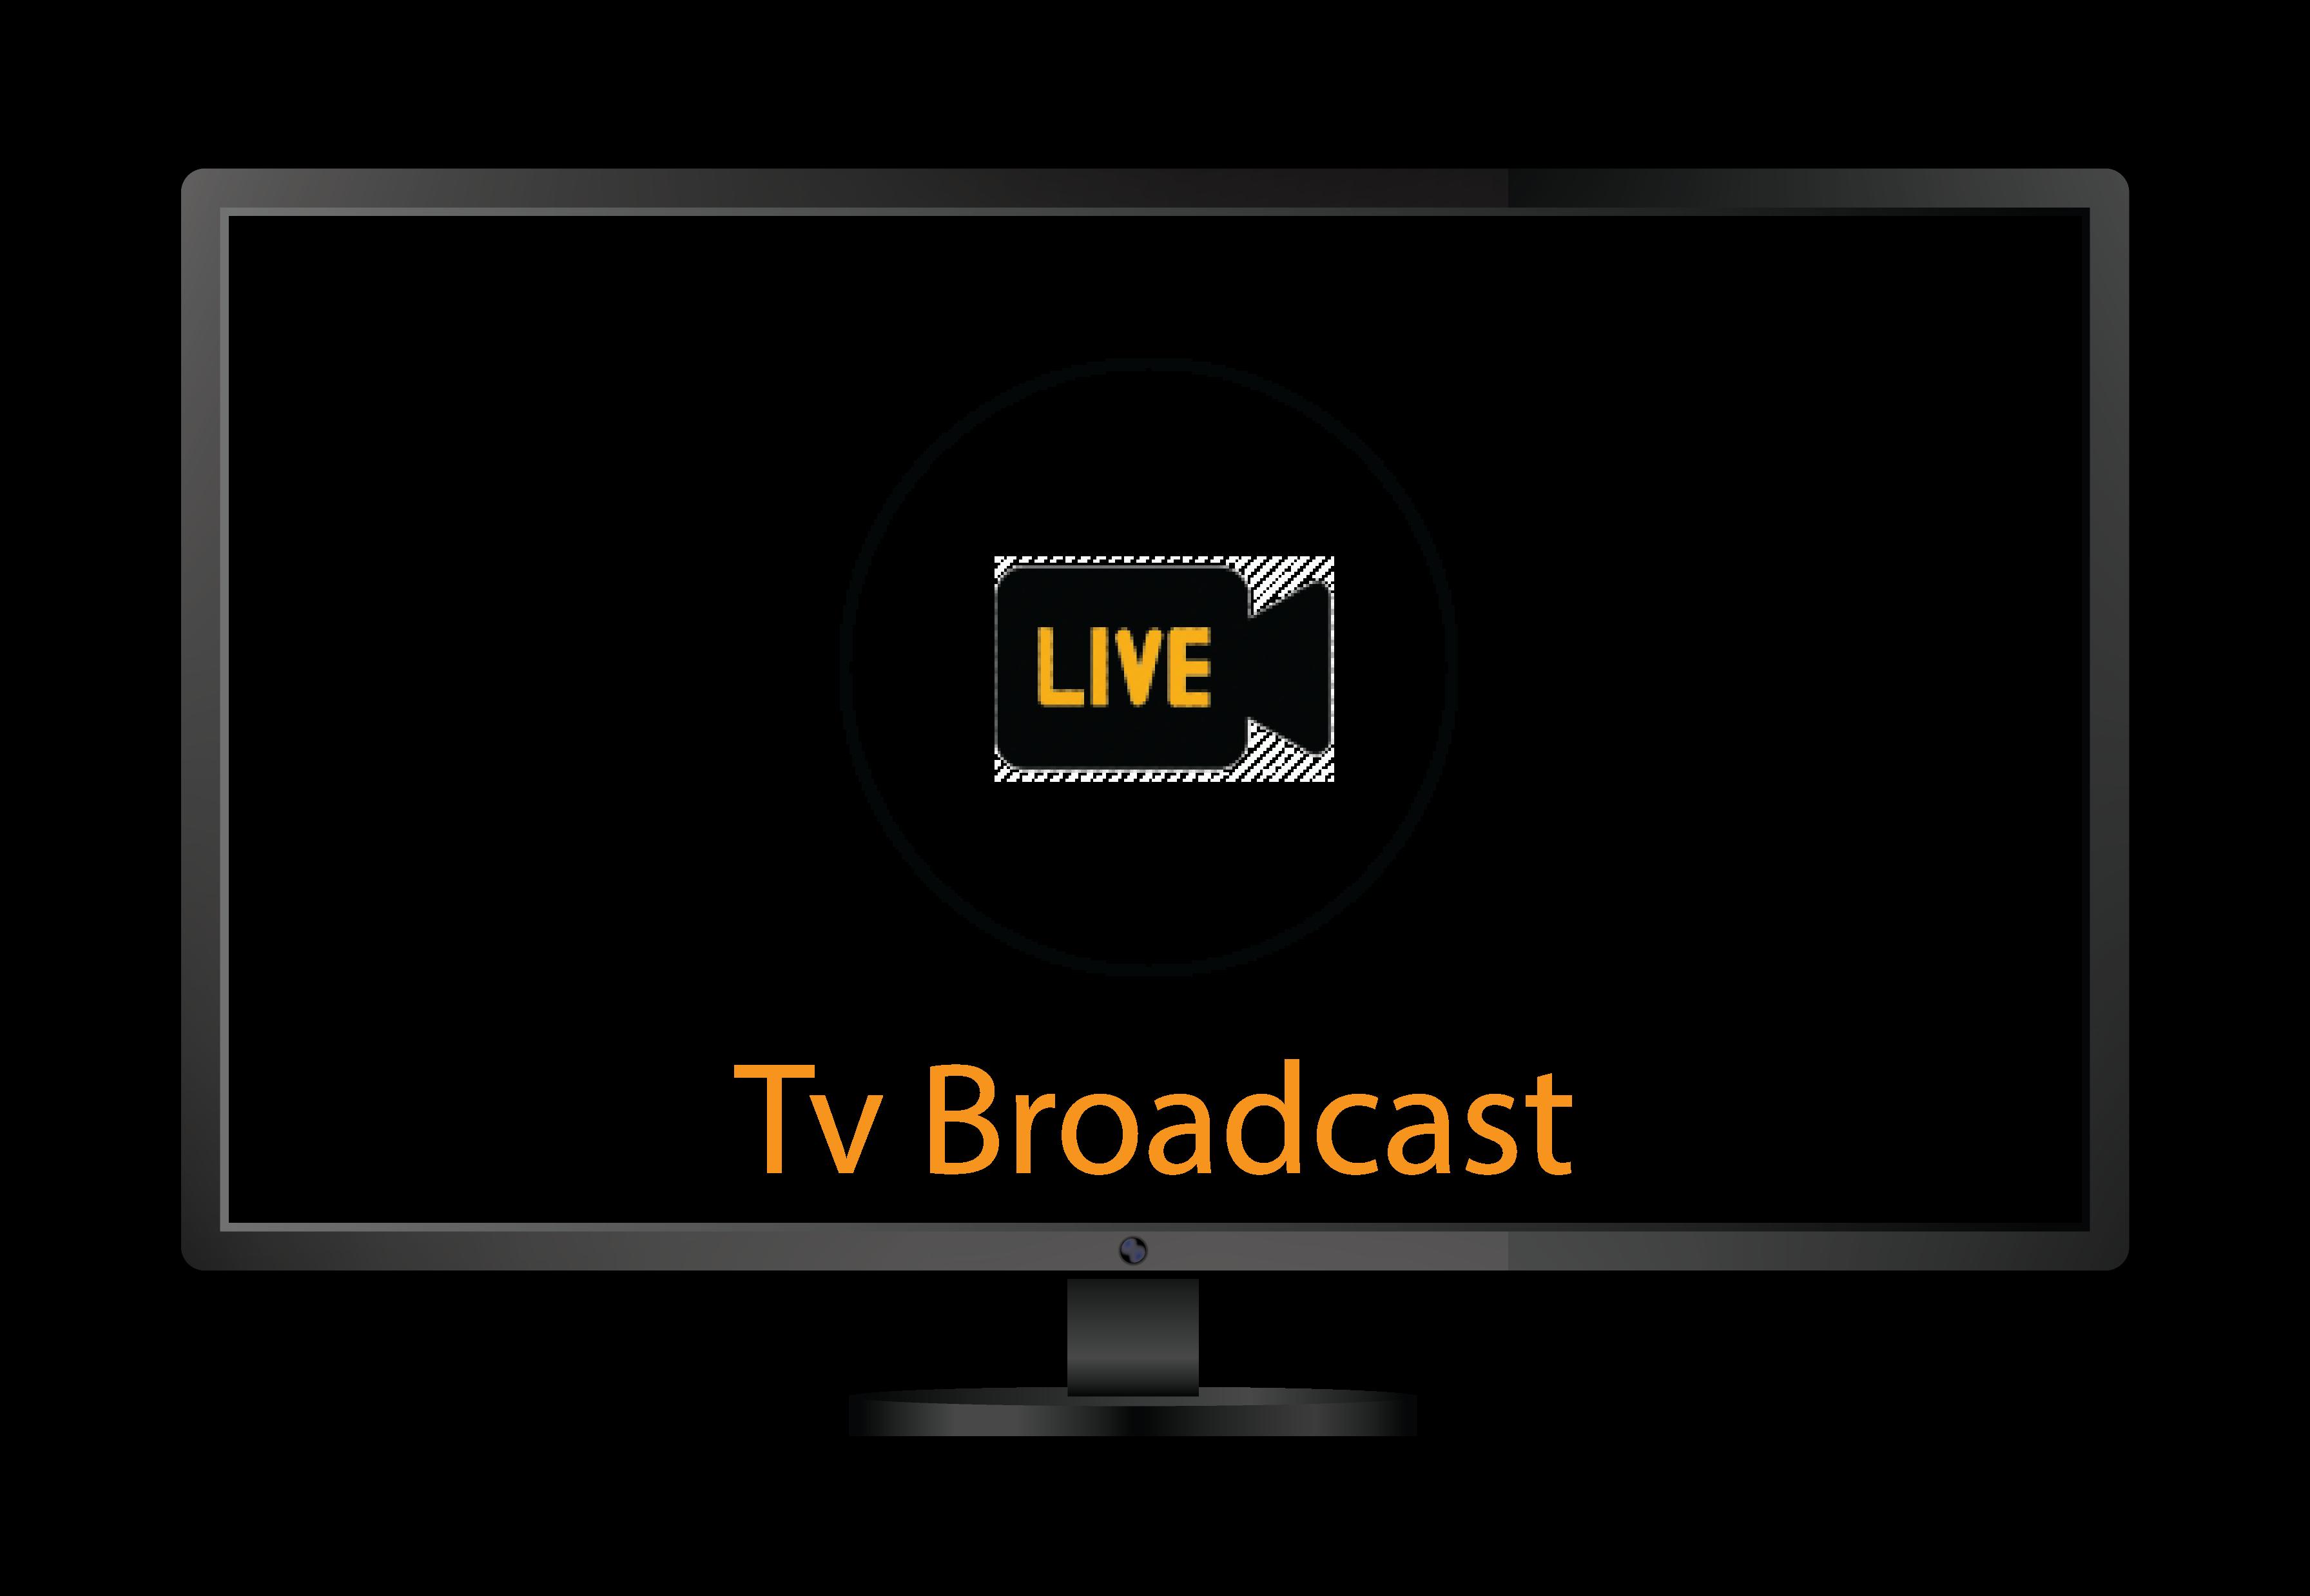 TV Live broadcast